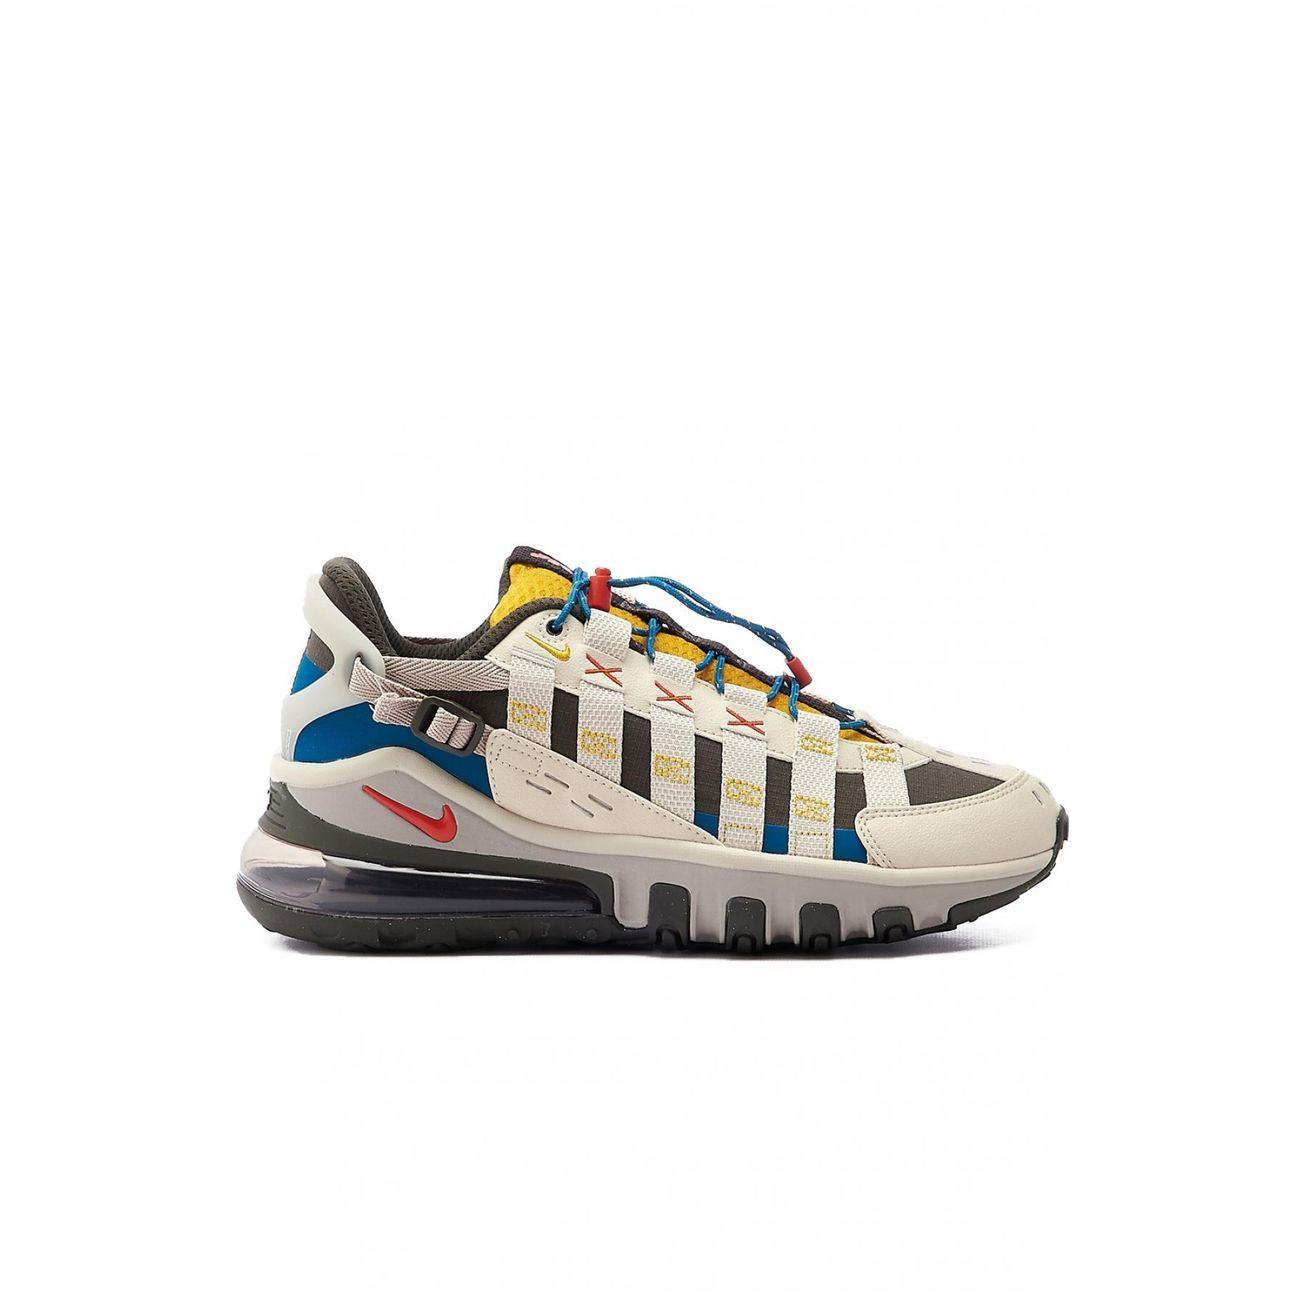 homme NIKE Basket basse Air Max Vistascape - Nike - Homme